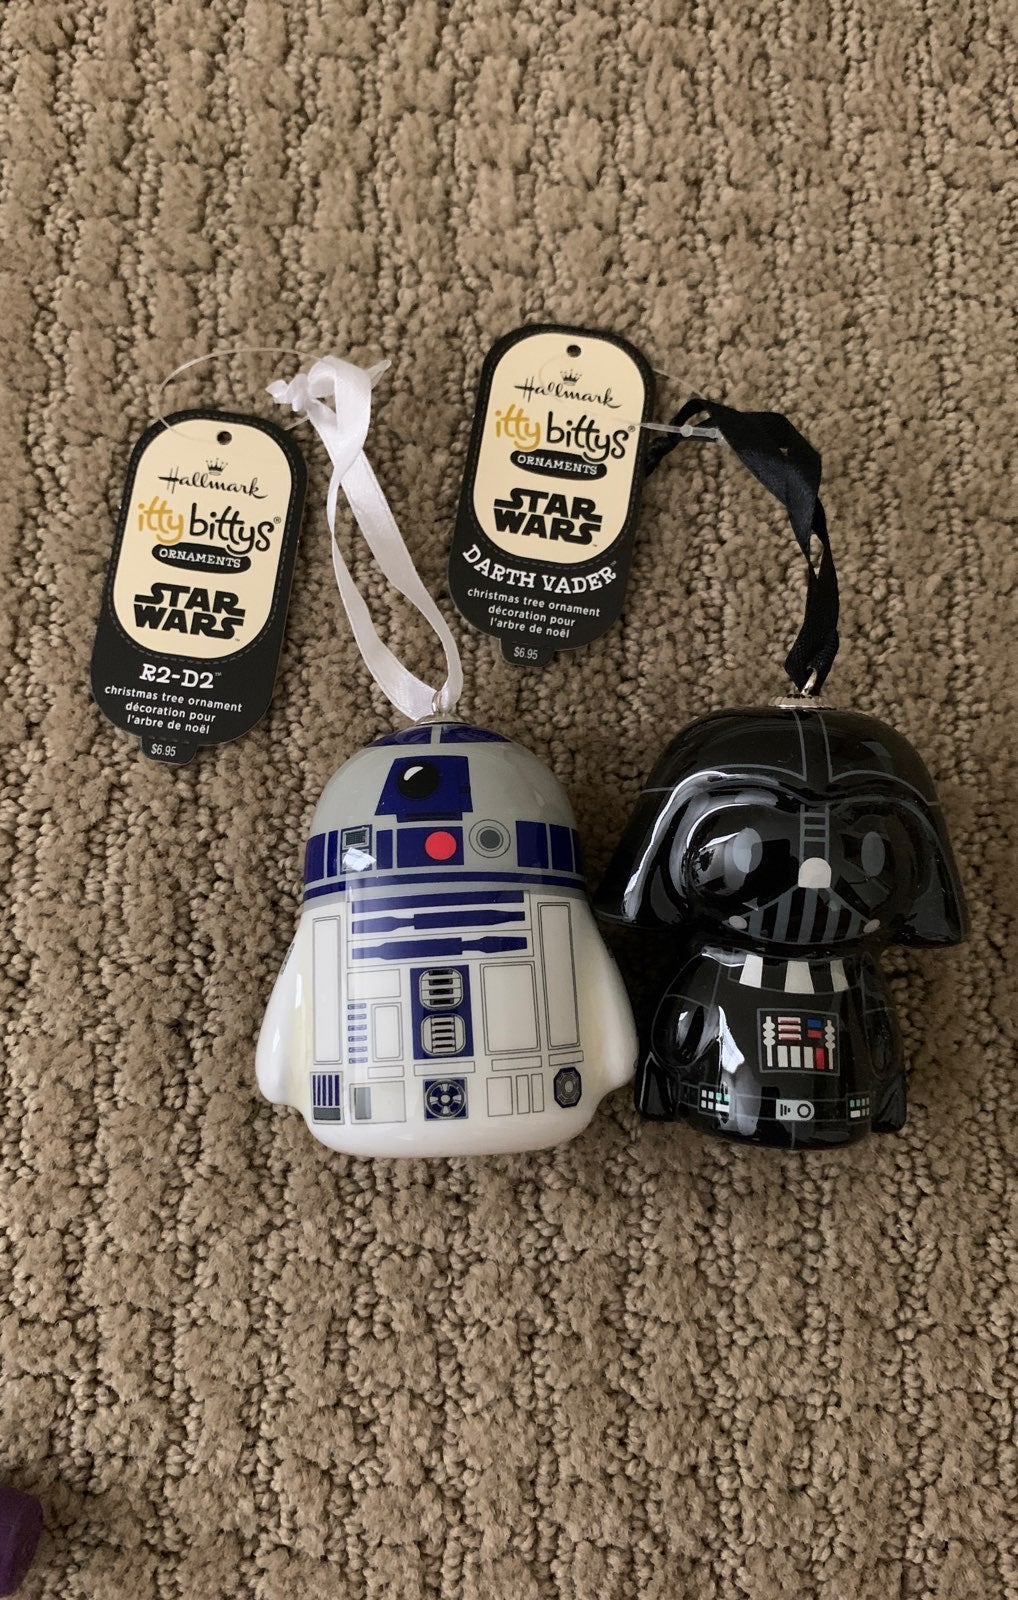 Star Wars itty bittys Ornaments